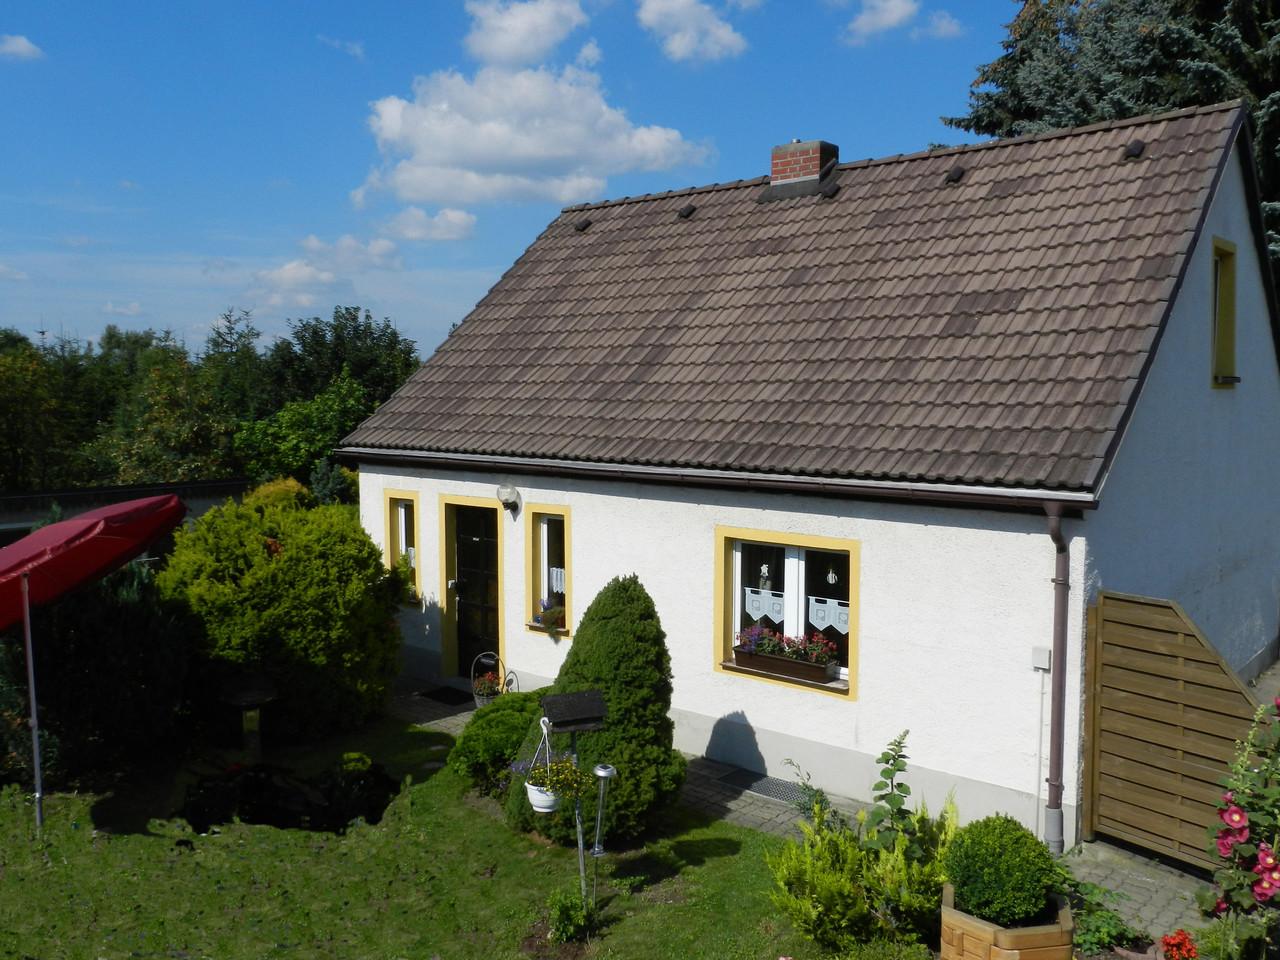 Anfahrt - Ferienhaus-Erzgebirge-Oederan-Hennig